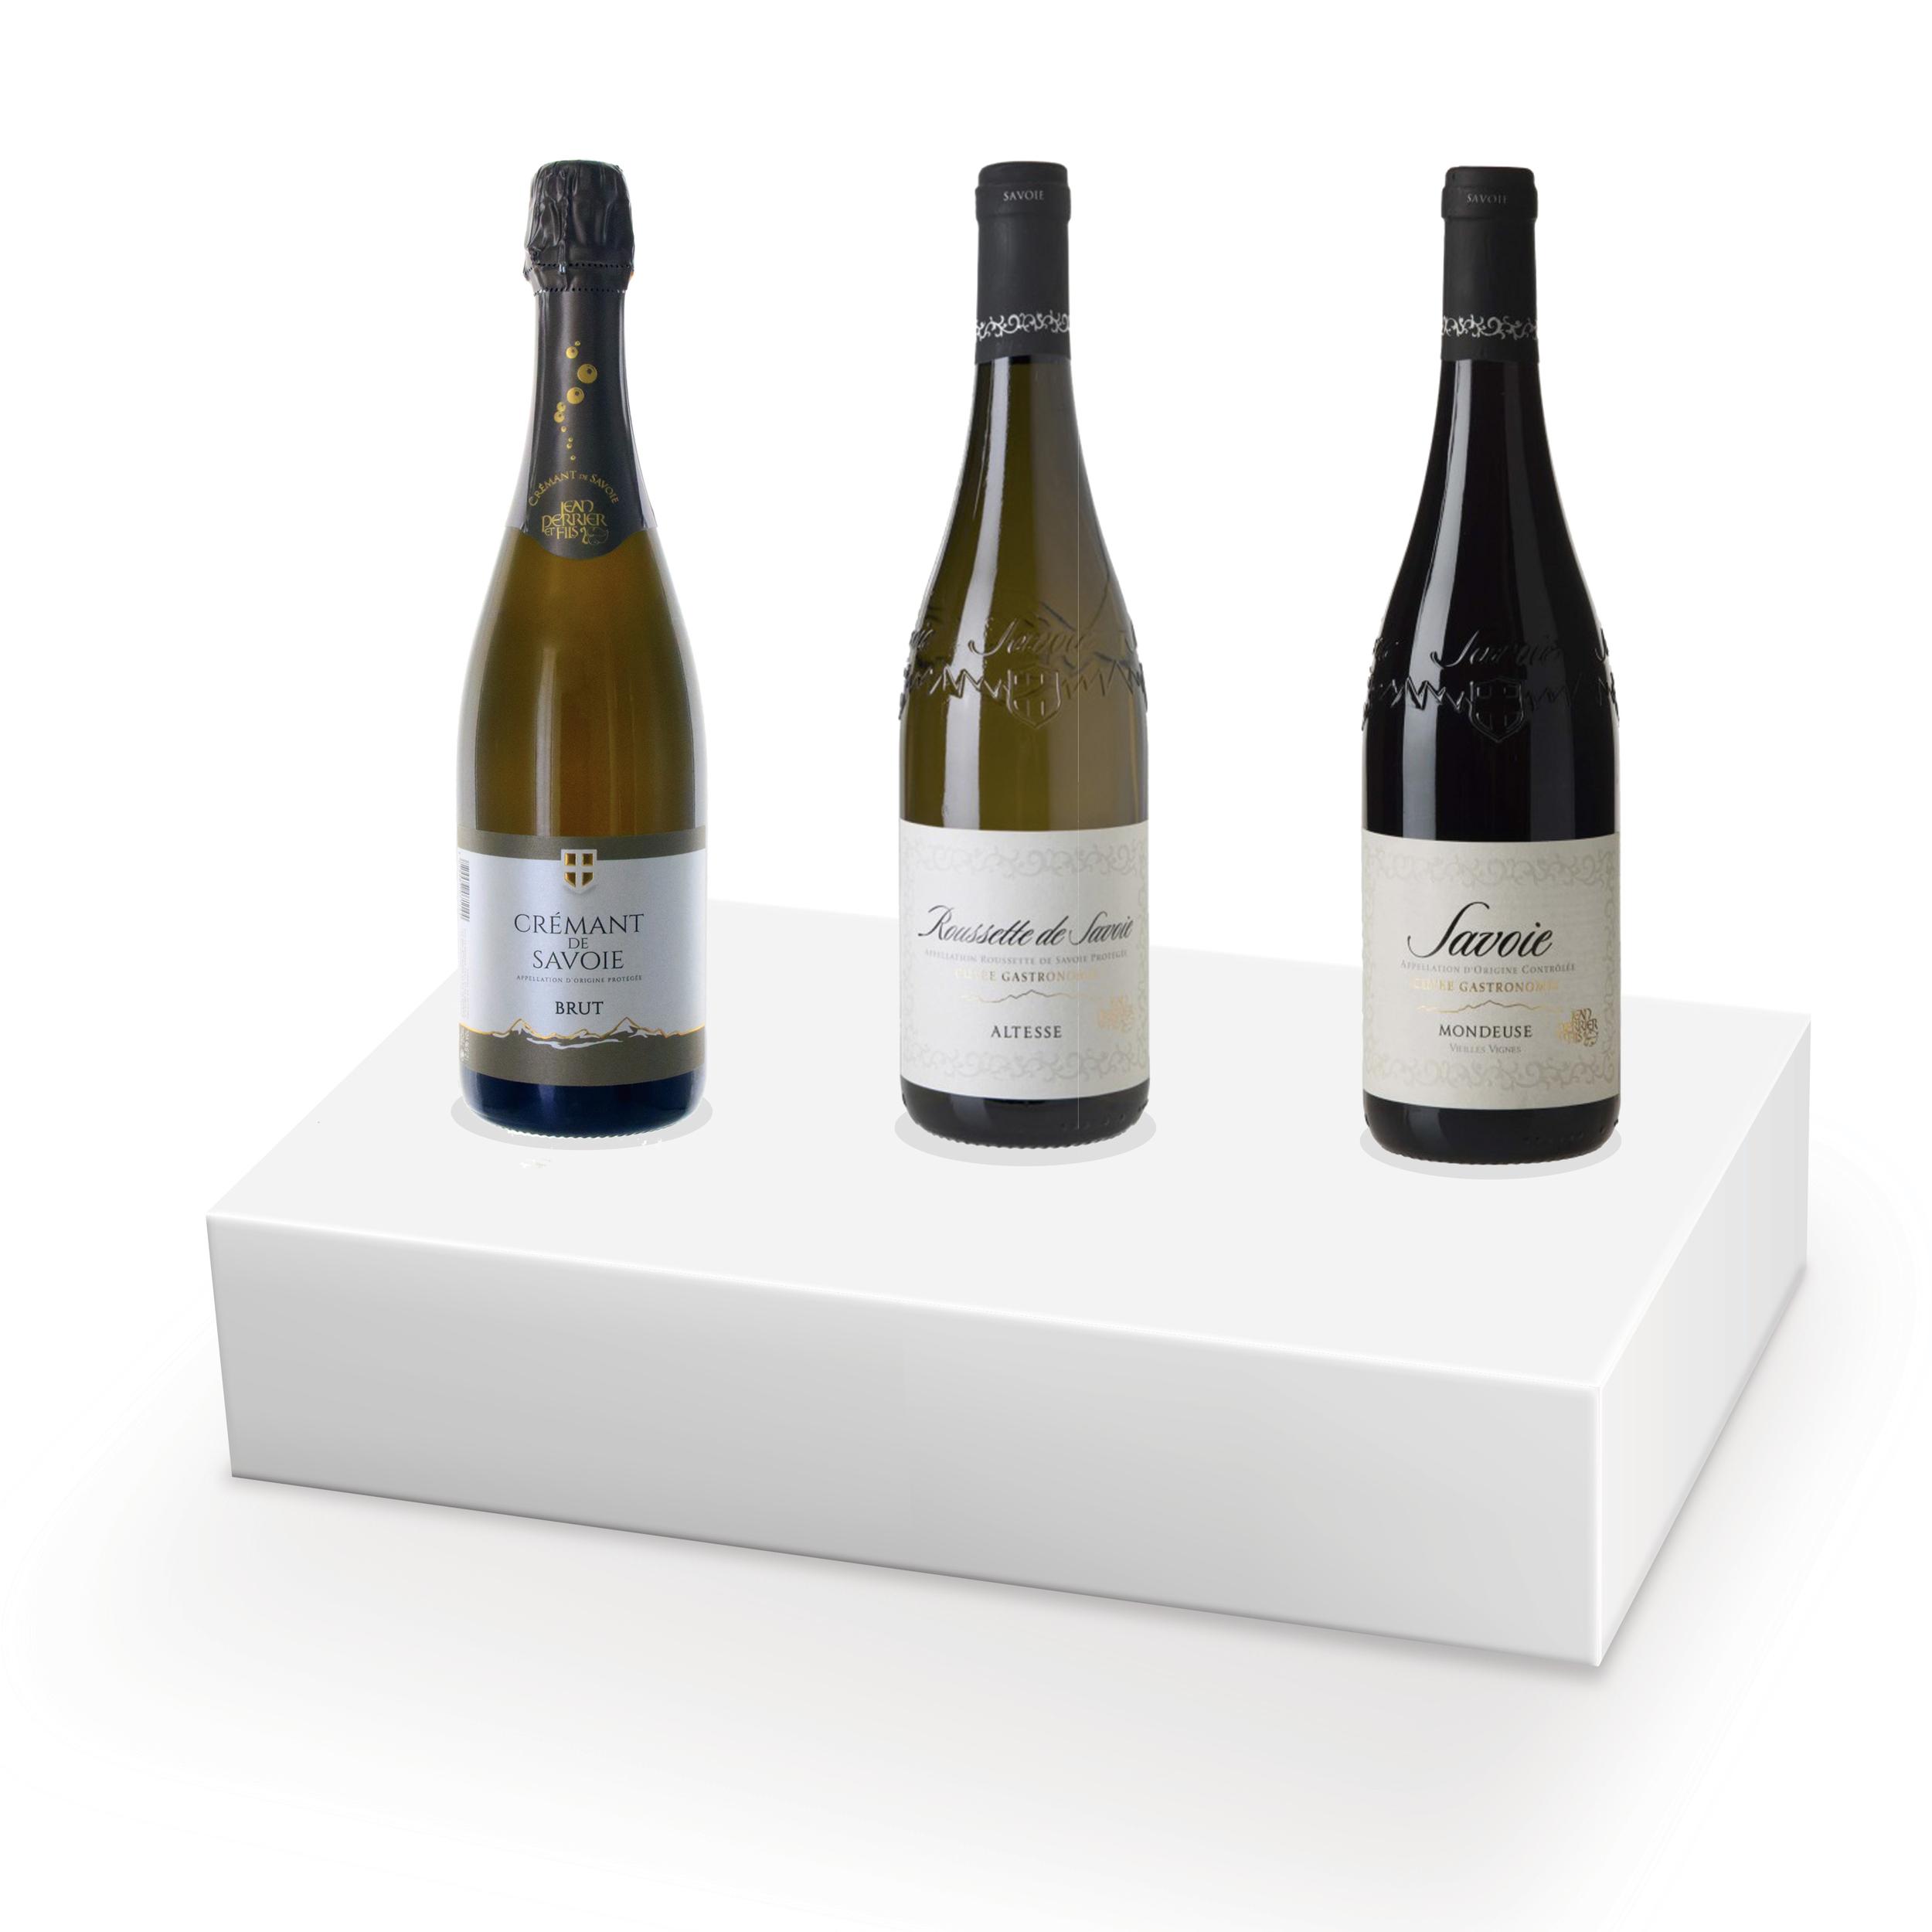 Coffret vins pour raclette - 3 bouteilles - N°1